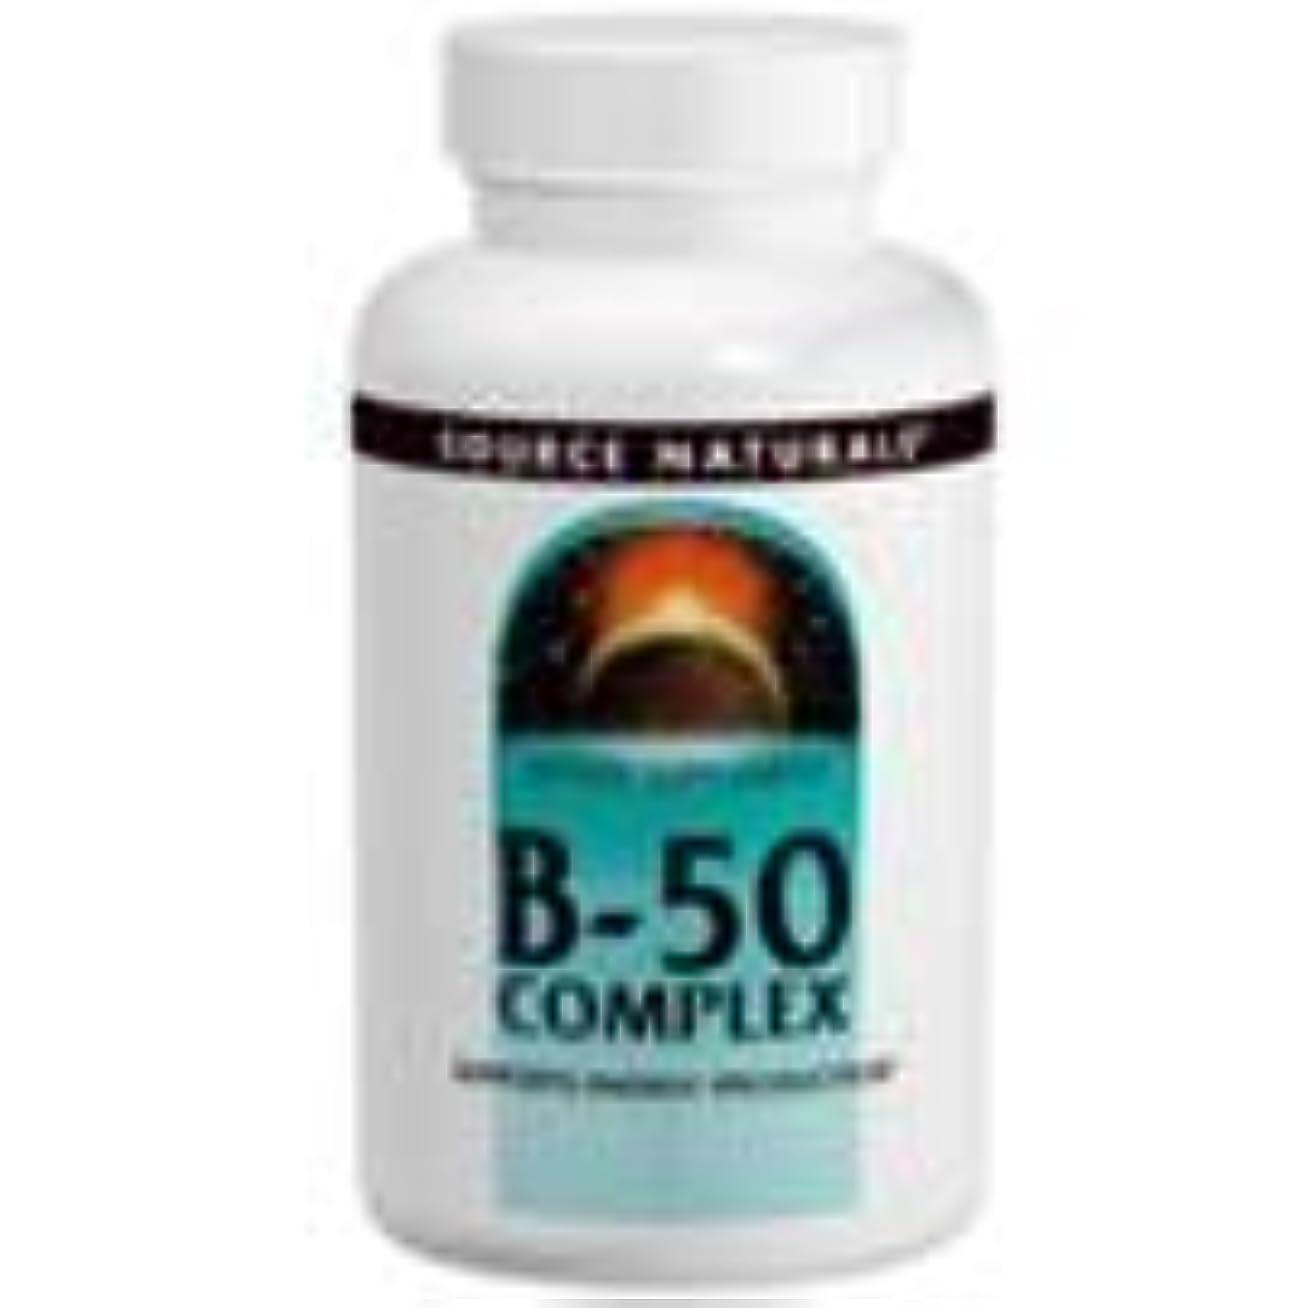 防腐剤長さ知覚Source Naturals B-50 Complex 100 Tabs [並行輸入品]